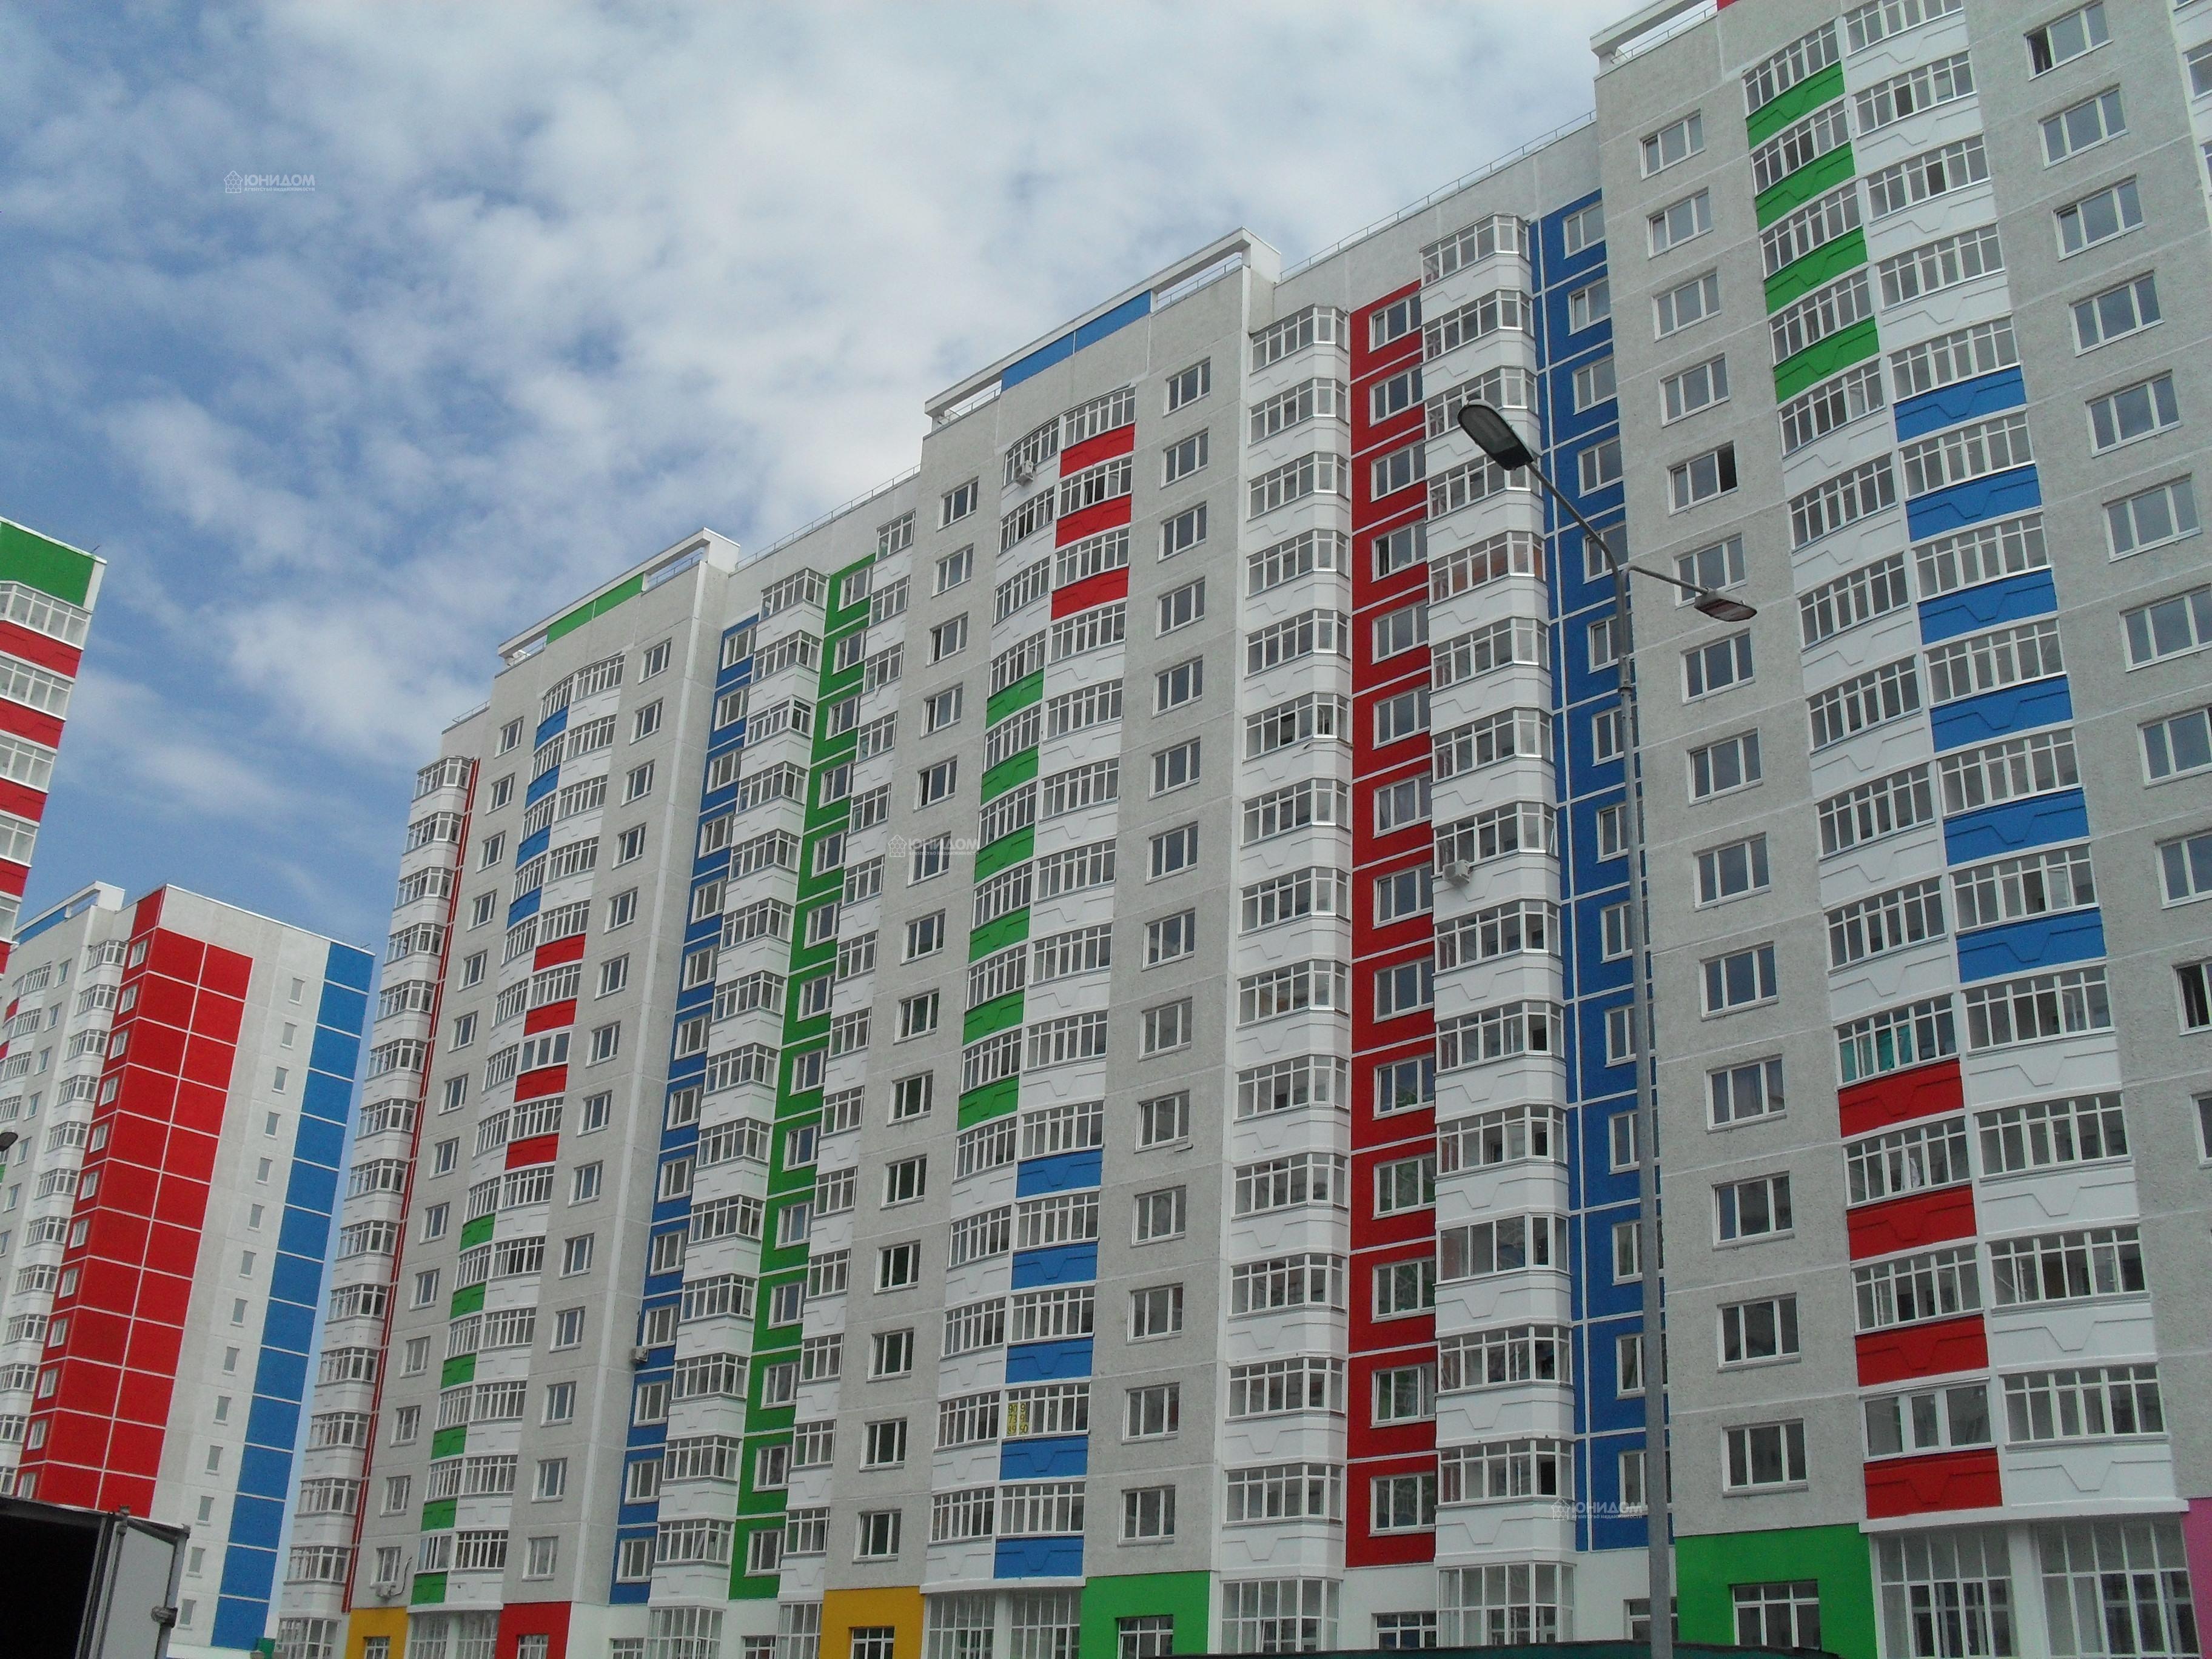 Продам инд по адресу Россия, Тюменская область, Тюмень, Федюнинского, 56 фото 0 по выгодной цене